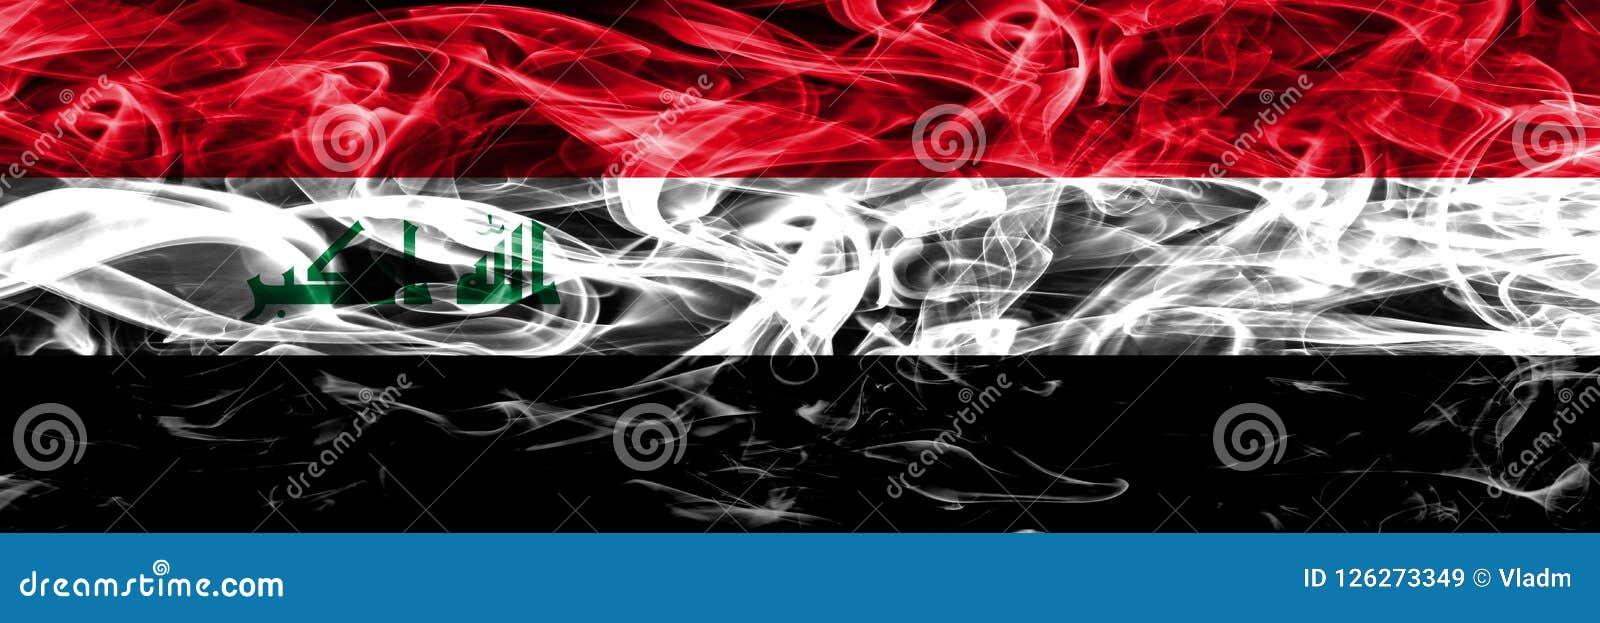 Iraq contra las banderas coloridas del humo del concepto de Yemen colocadas de lado a lado Stock de ilustración